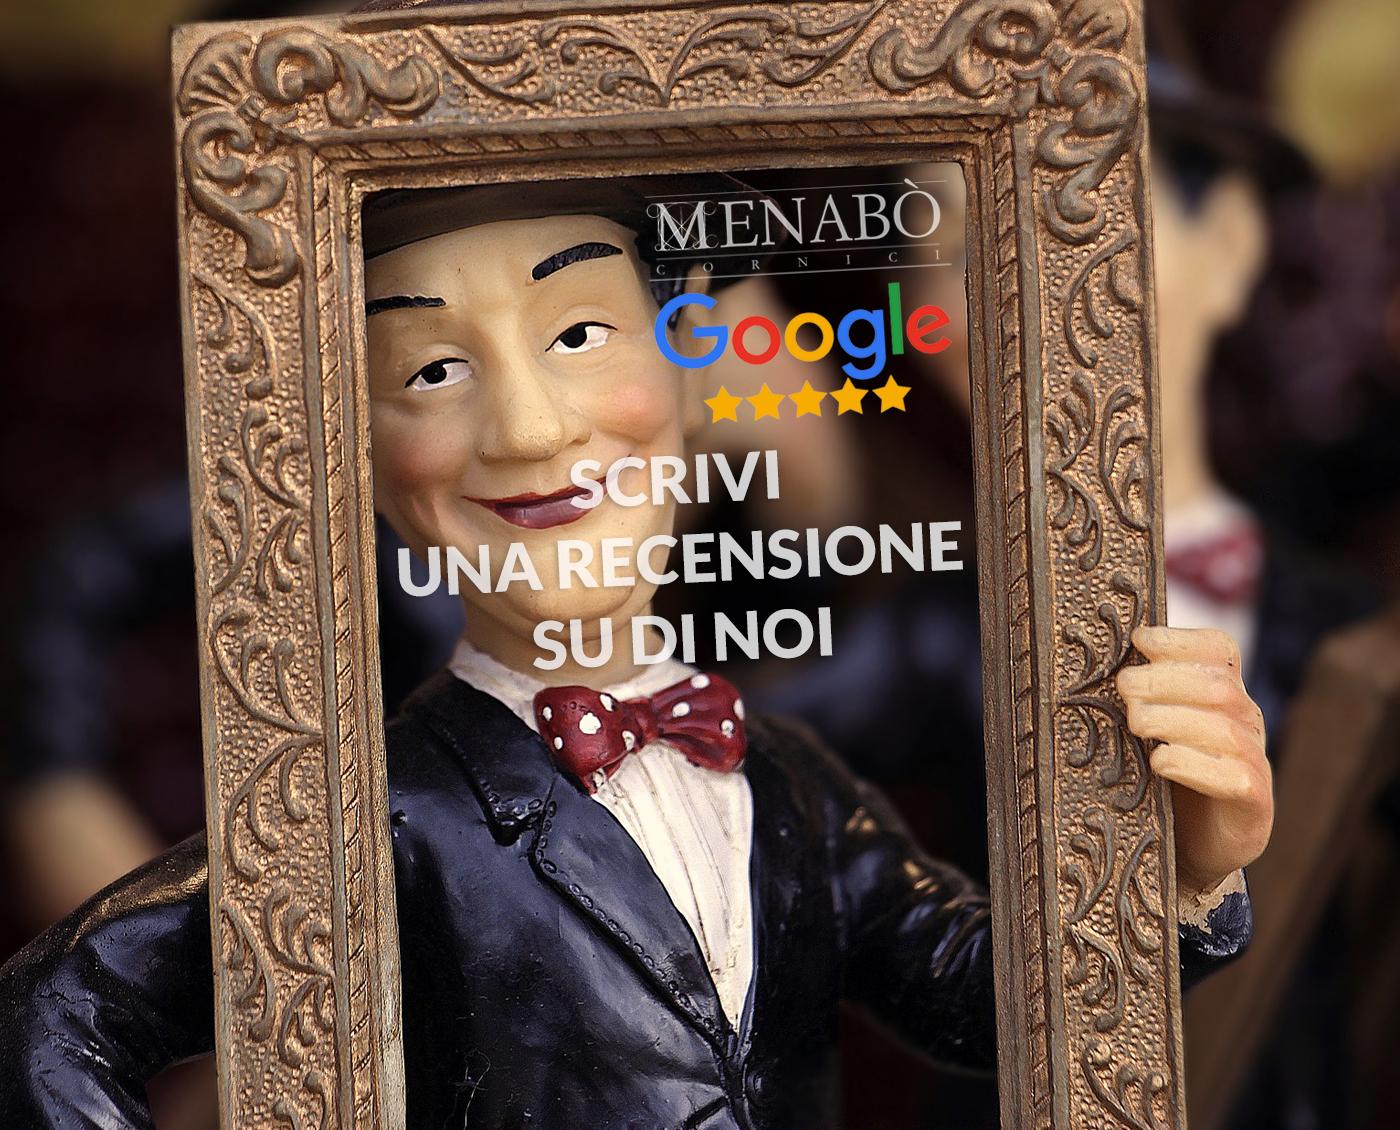 MENABO' Cornici __ Torino __ Recensioni google __